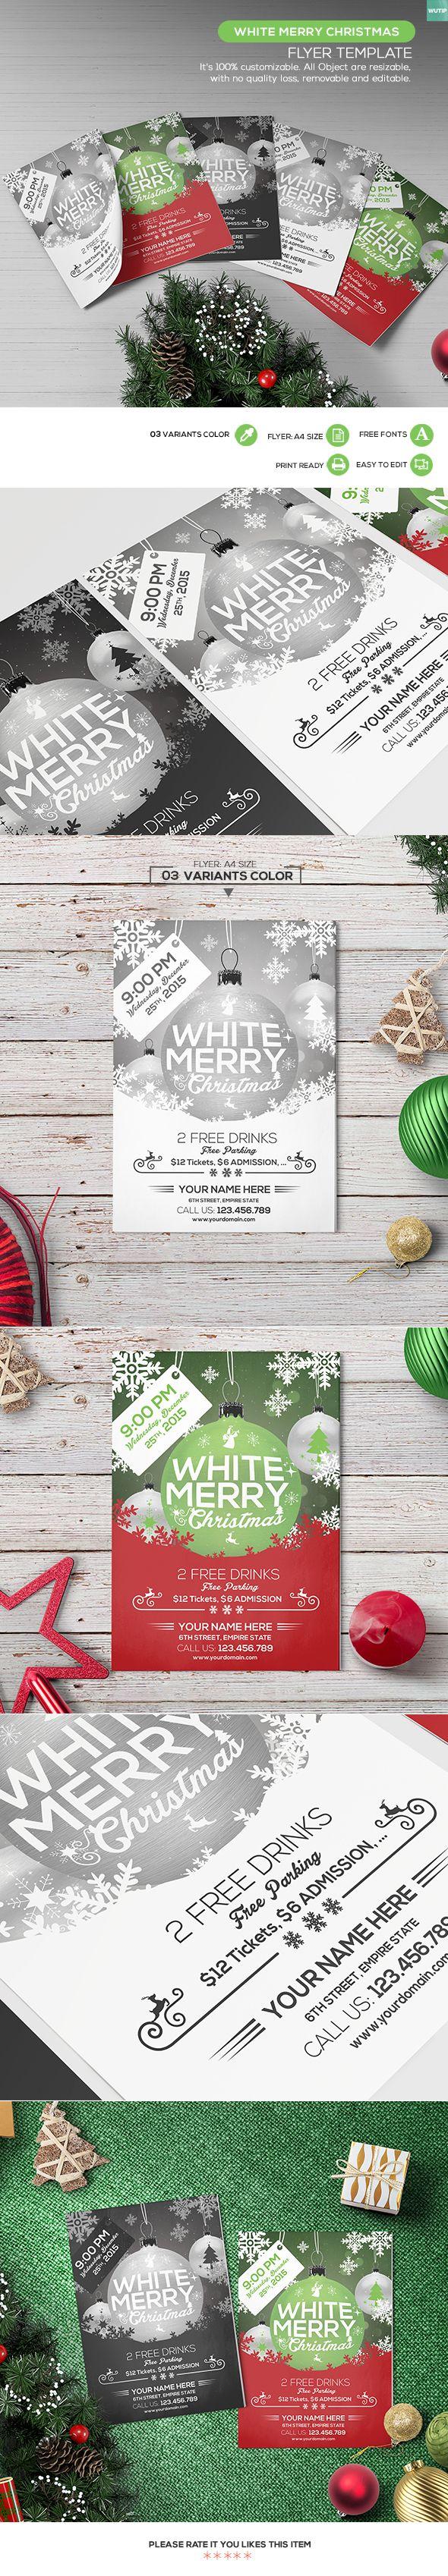 http://www.byteswire.com/best-free-christmas-flyer-templates/  15+ Best Free Christmas Flyer Templates